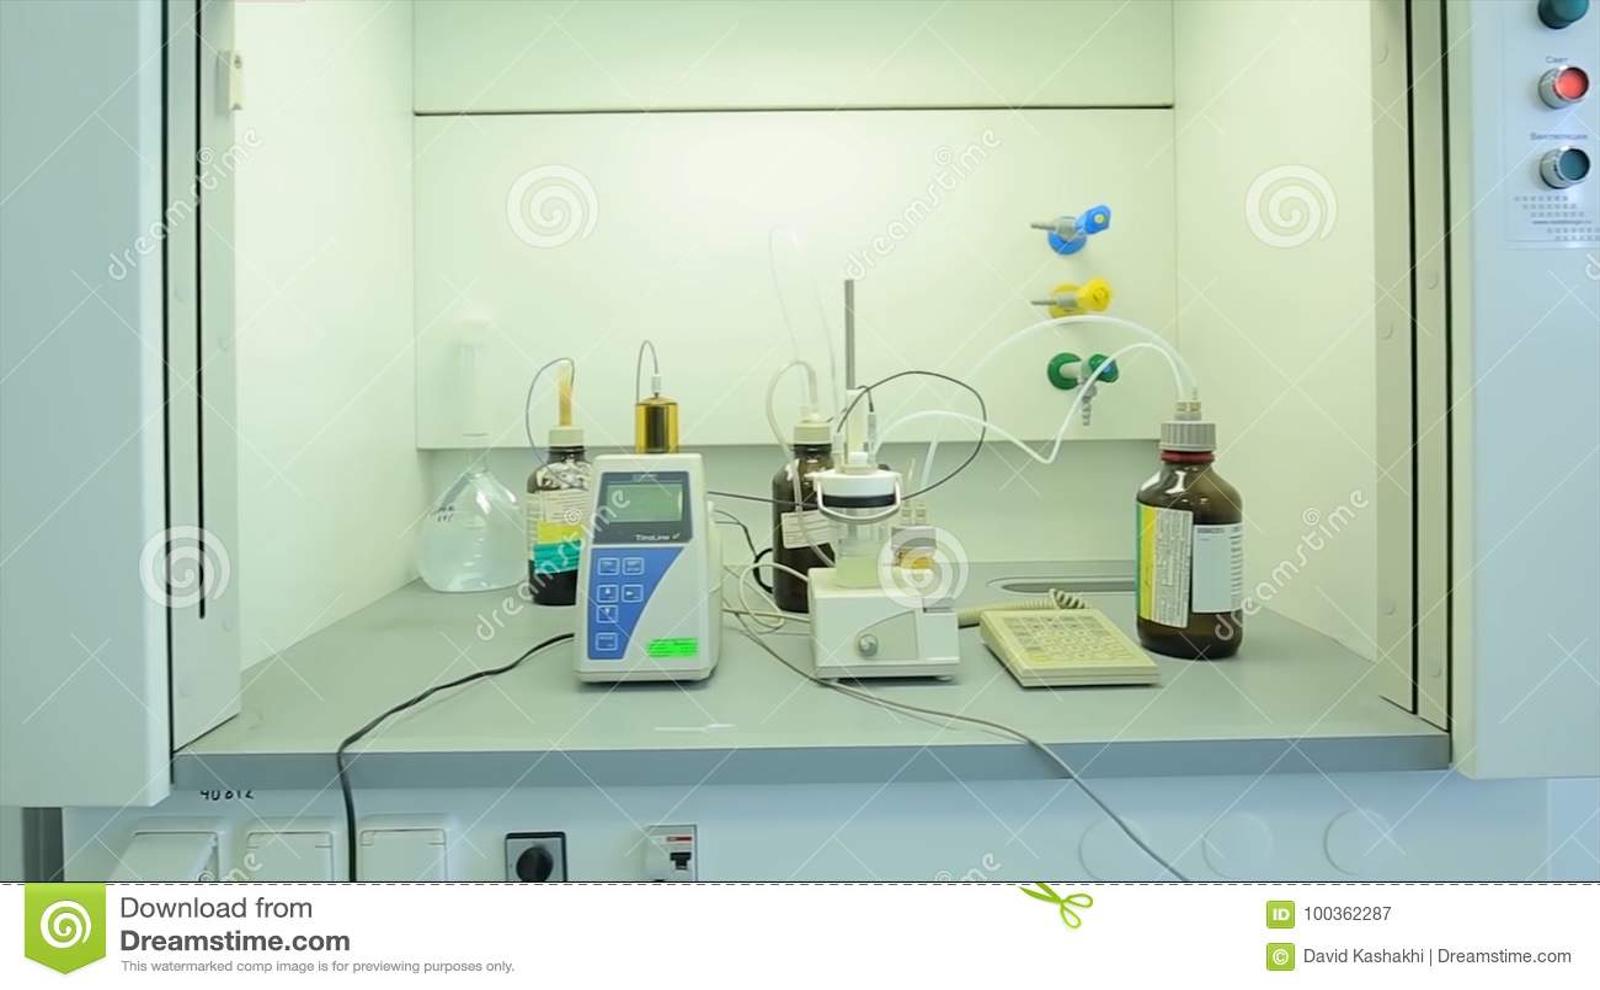 spectroscopy physical chemistry